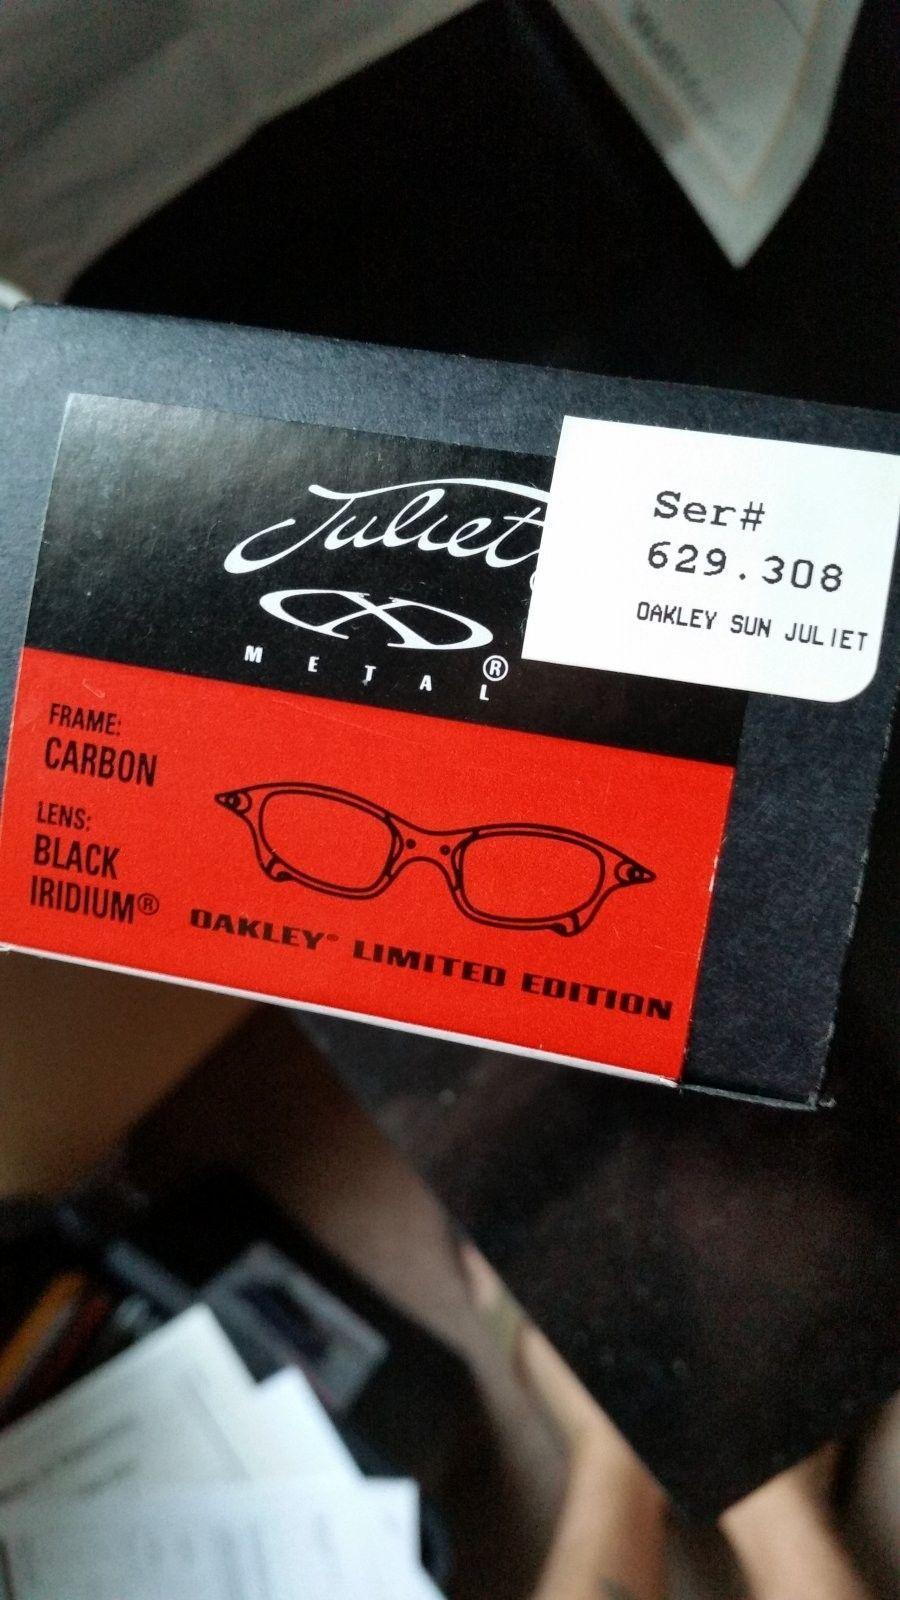 BNIB Ducati Juliet Carbon W/Black Iridium $500, I Pay Freight - 20140809_080340.jpg